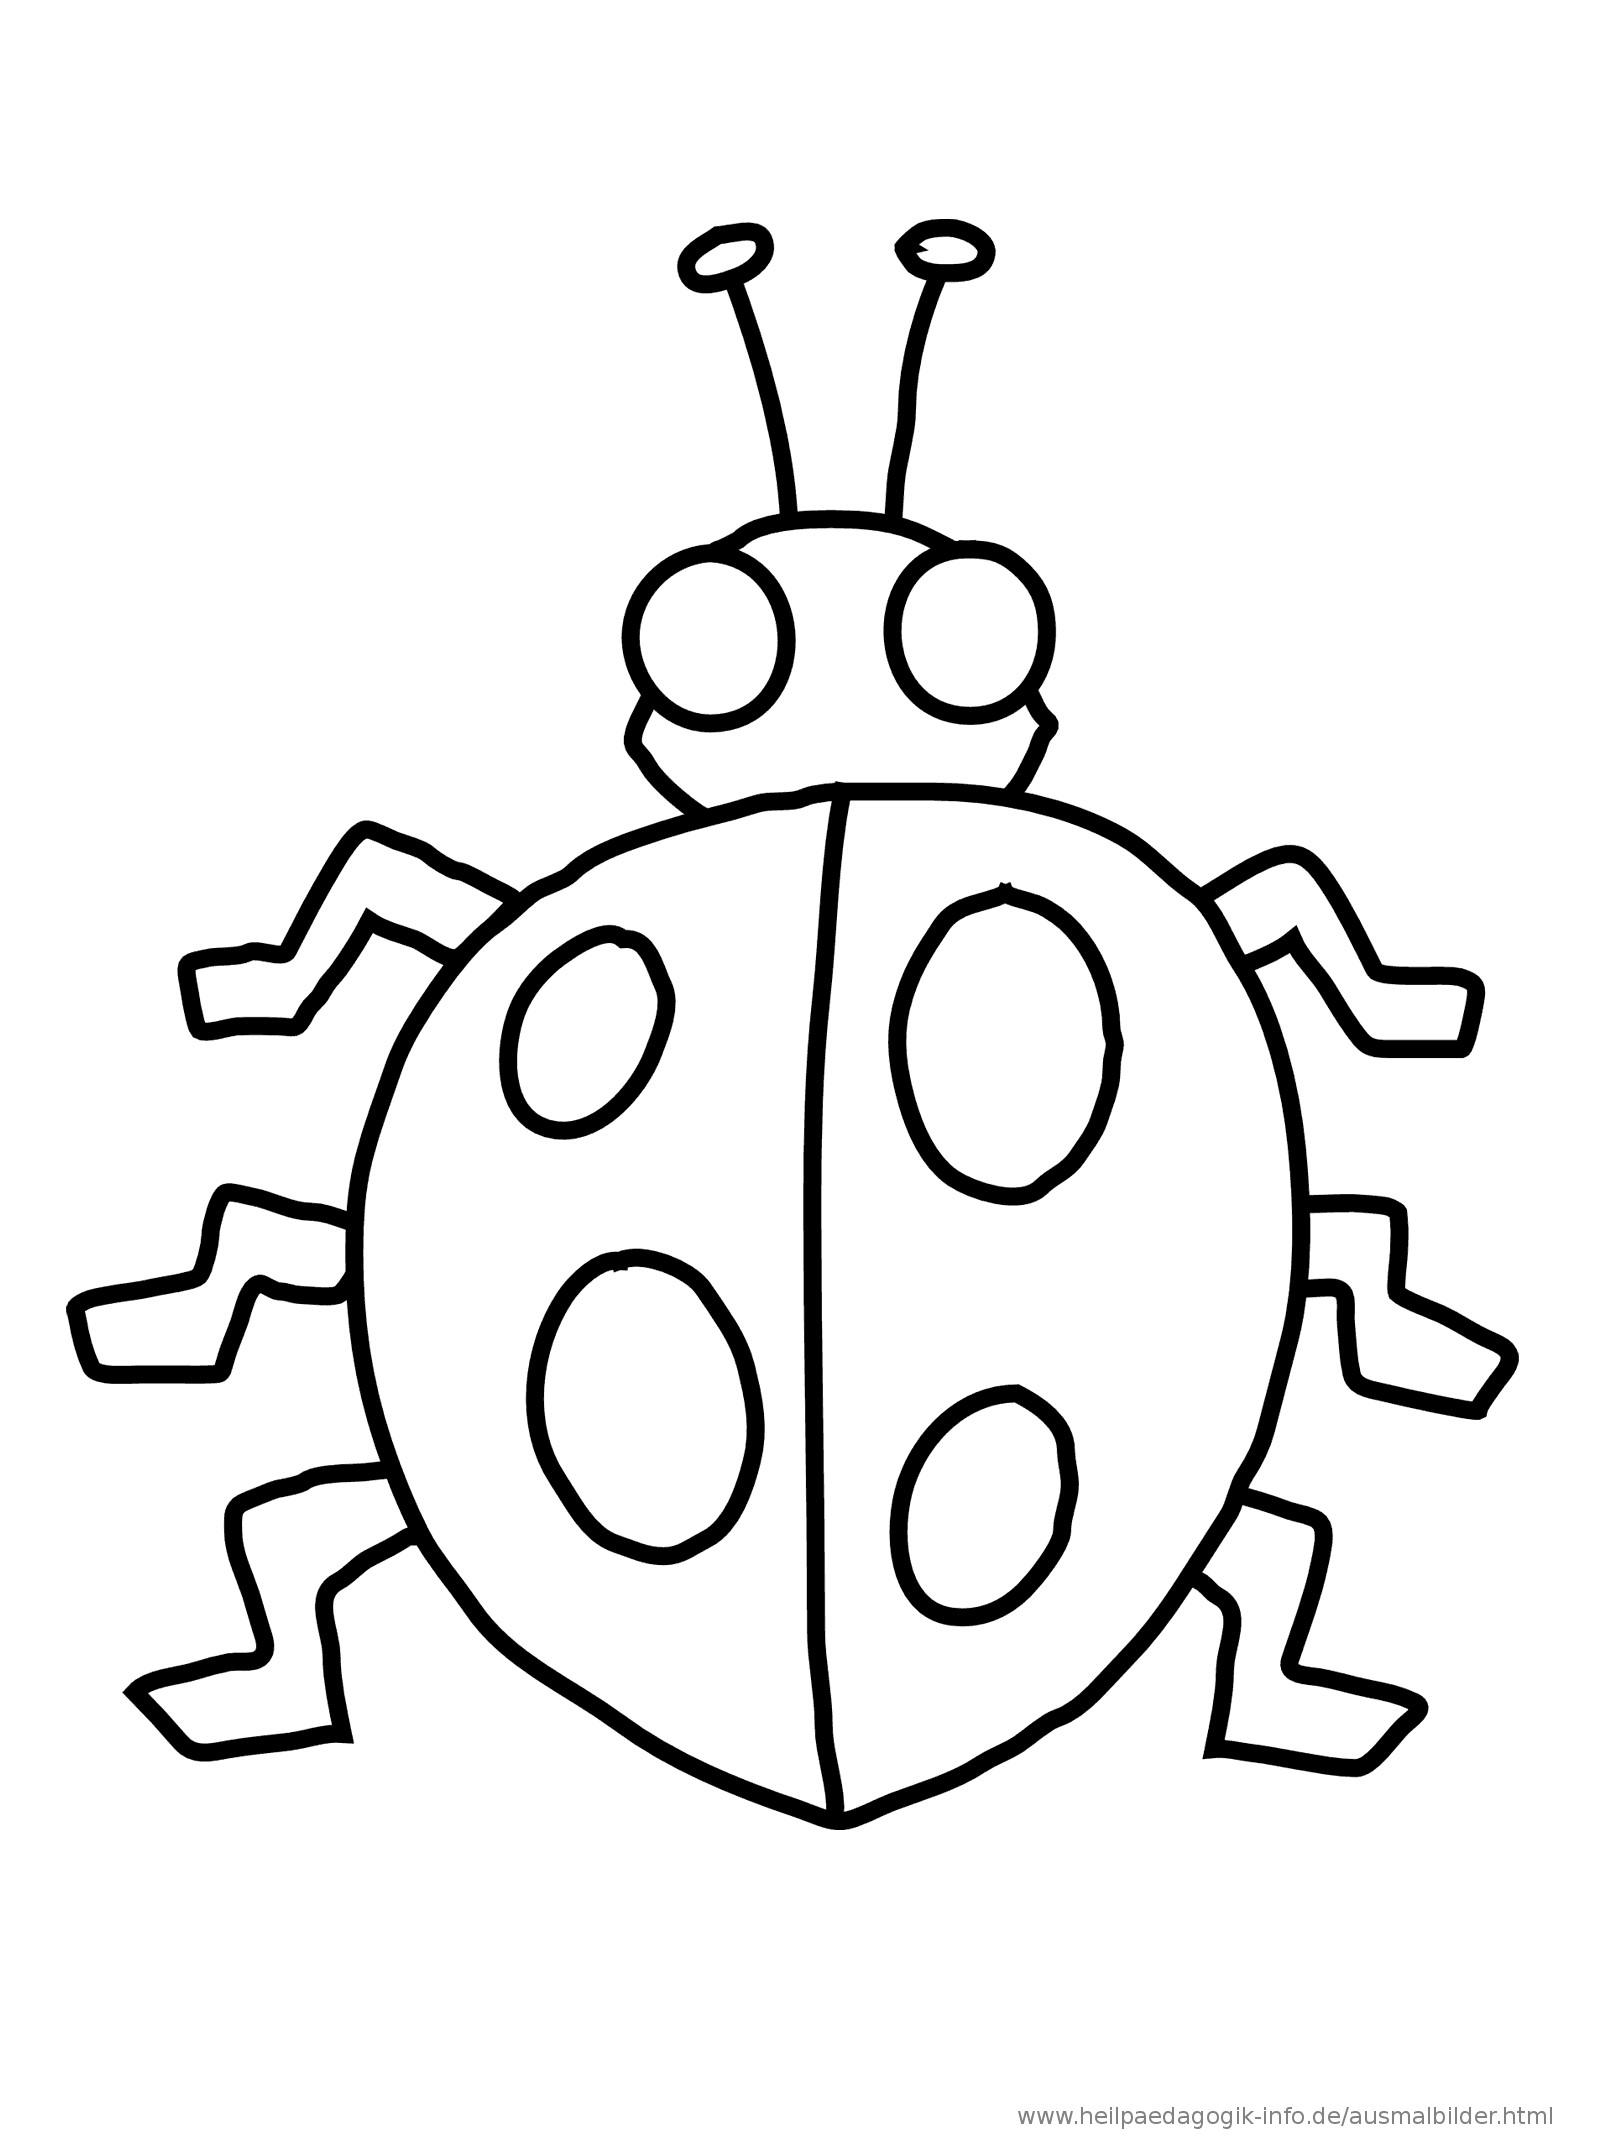 die 20 besten ideen für ausmalbilder käfer - beste